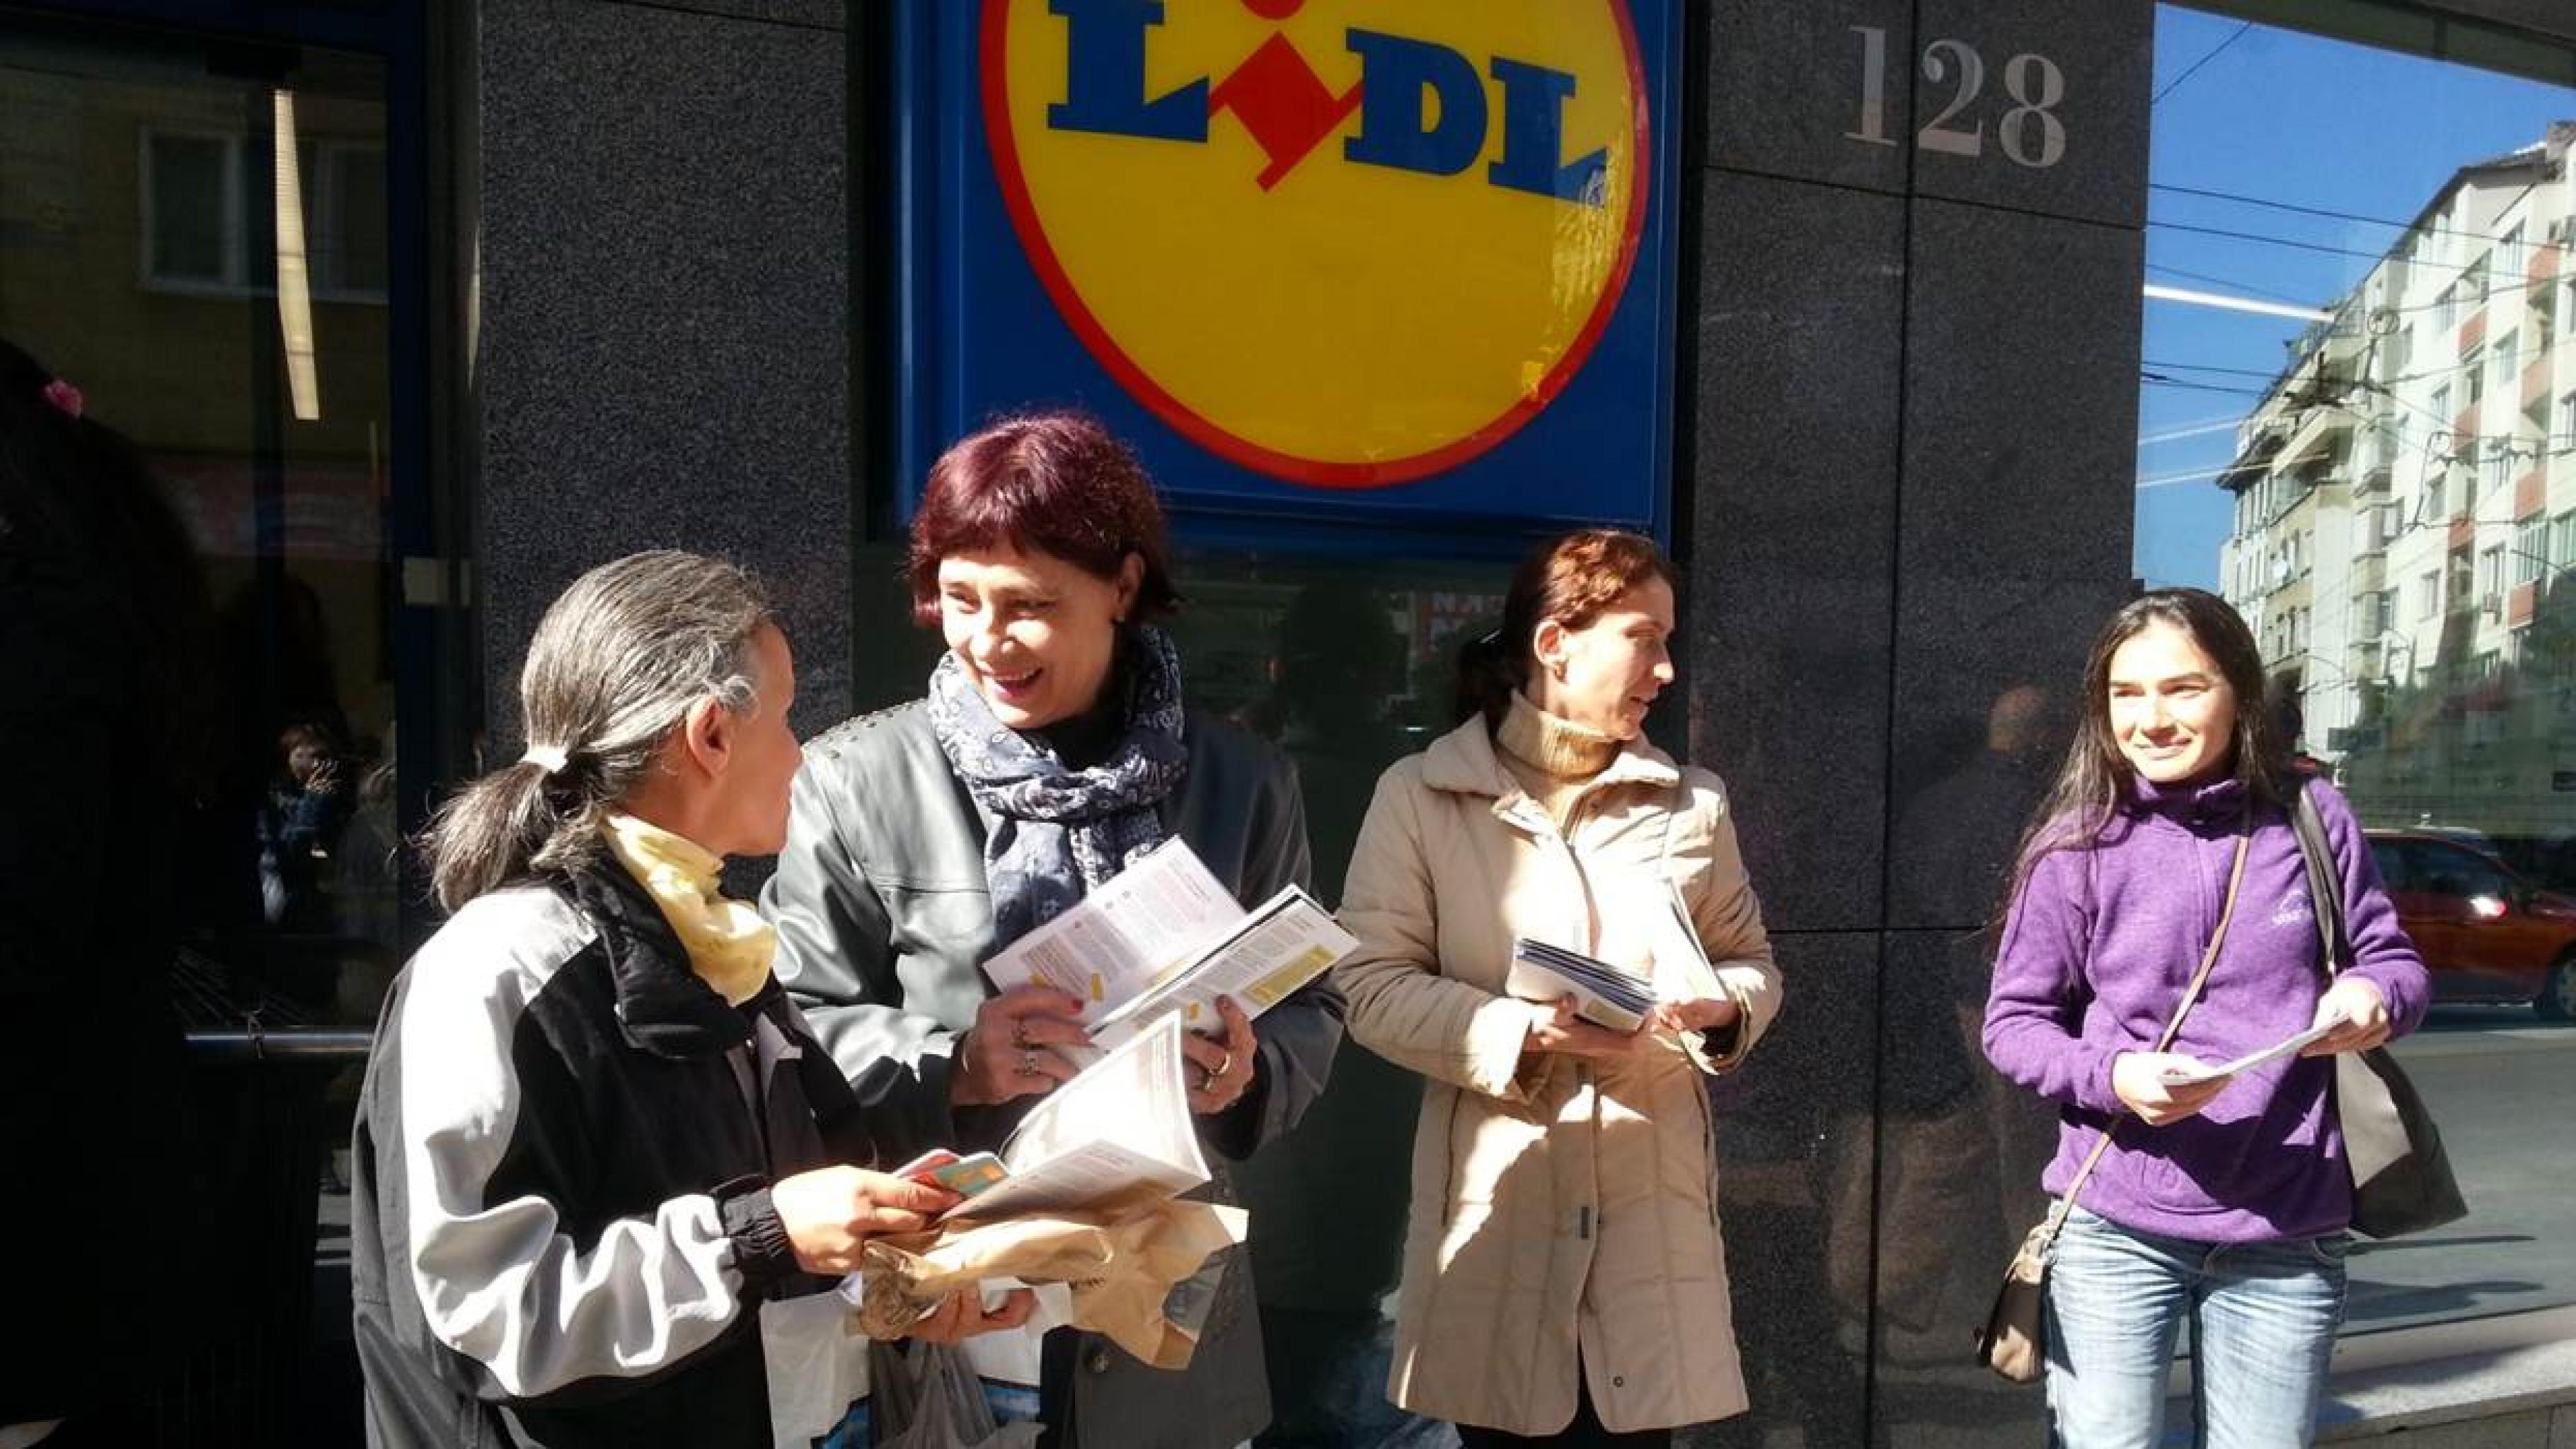 Frauen stehen vor einer Lidl-Filiale und verteilen Flugblätter an Passantinnen